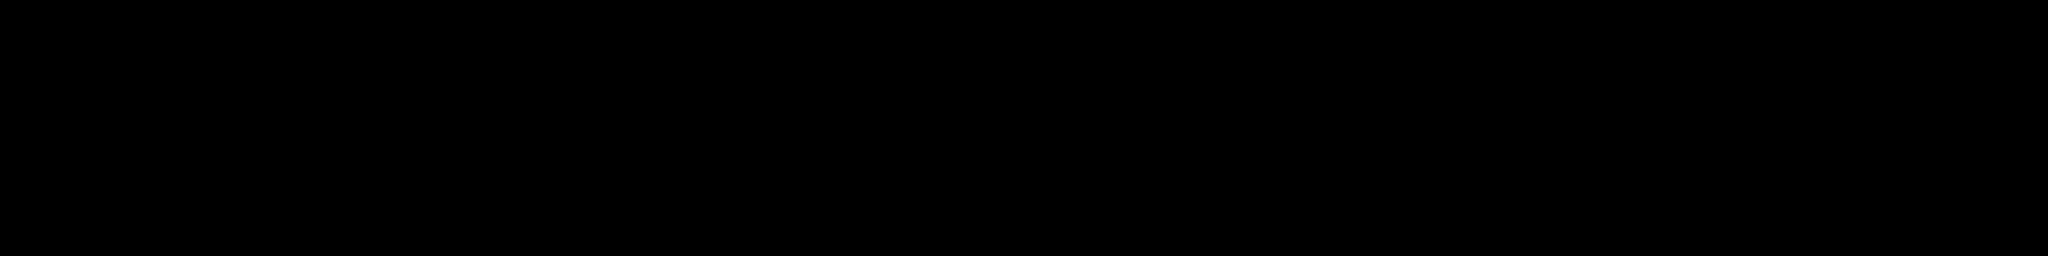 迦福市基督徒聚會 Logo